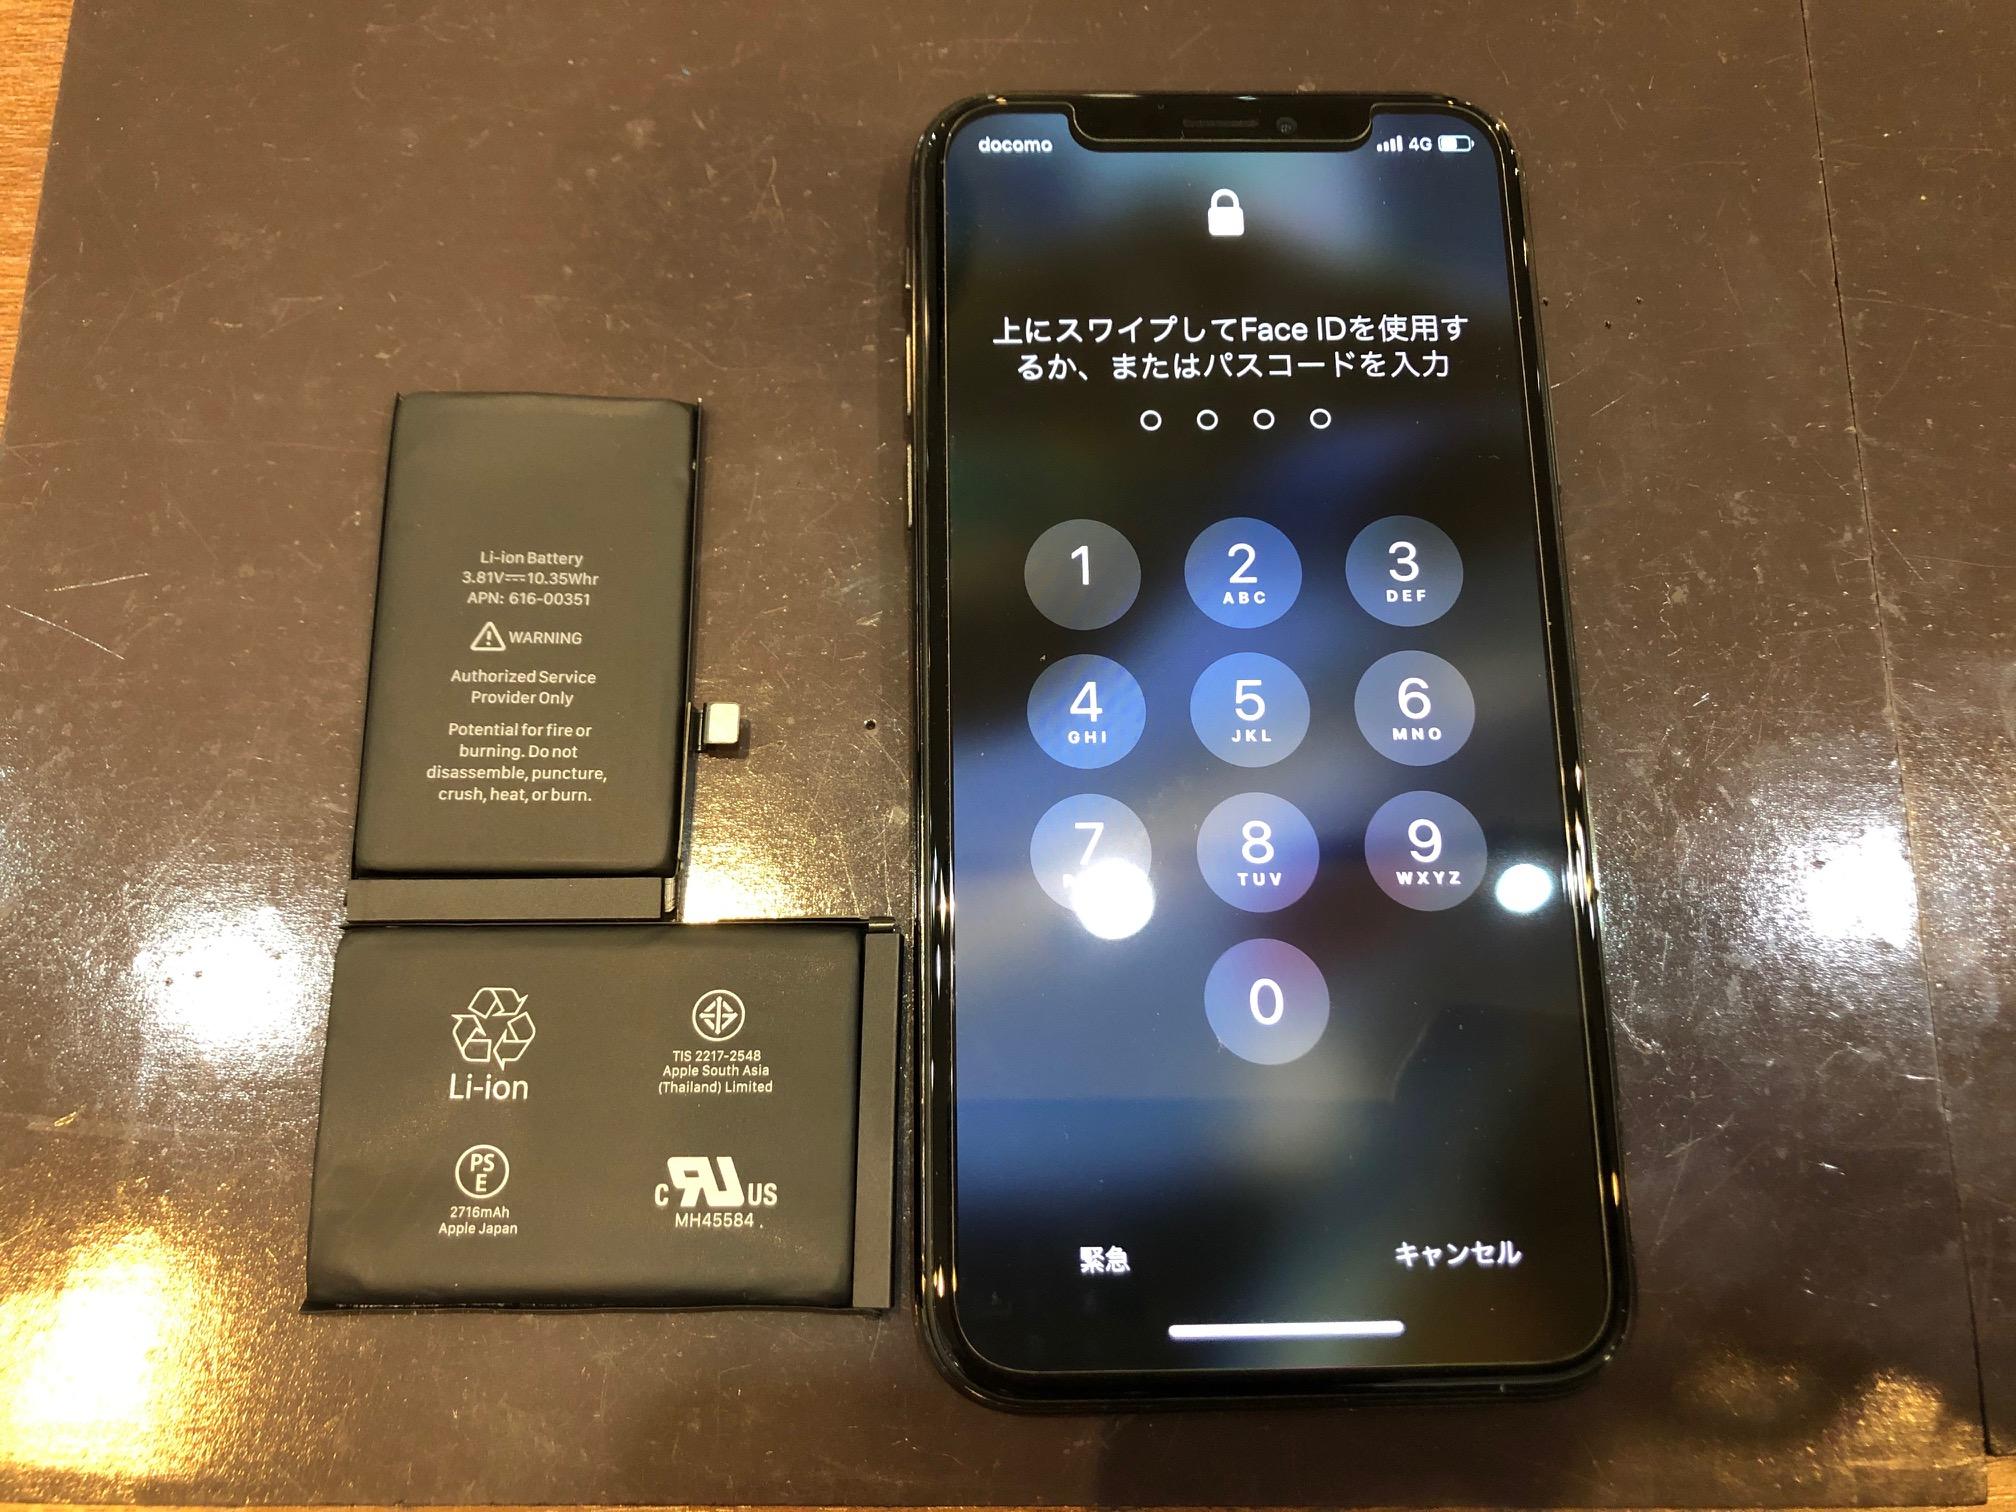 iPhoneX バッテリー交換 尼崎市からお越しのお客様 m